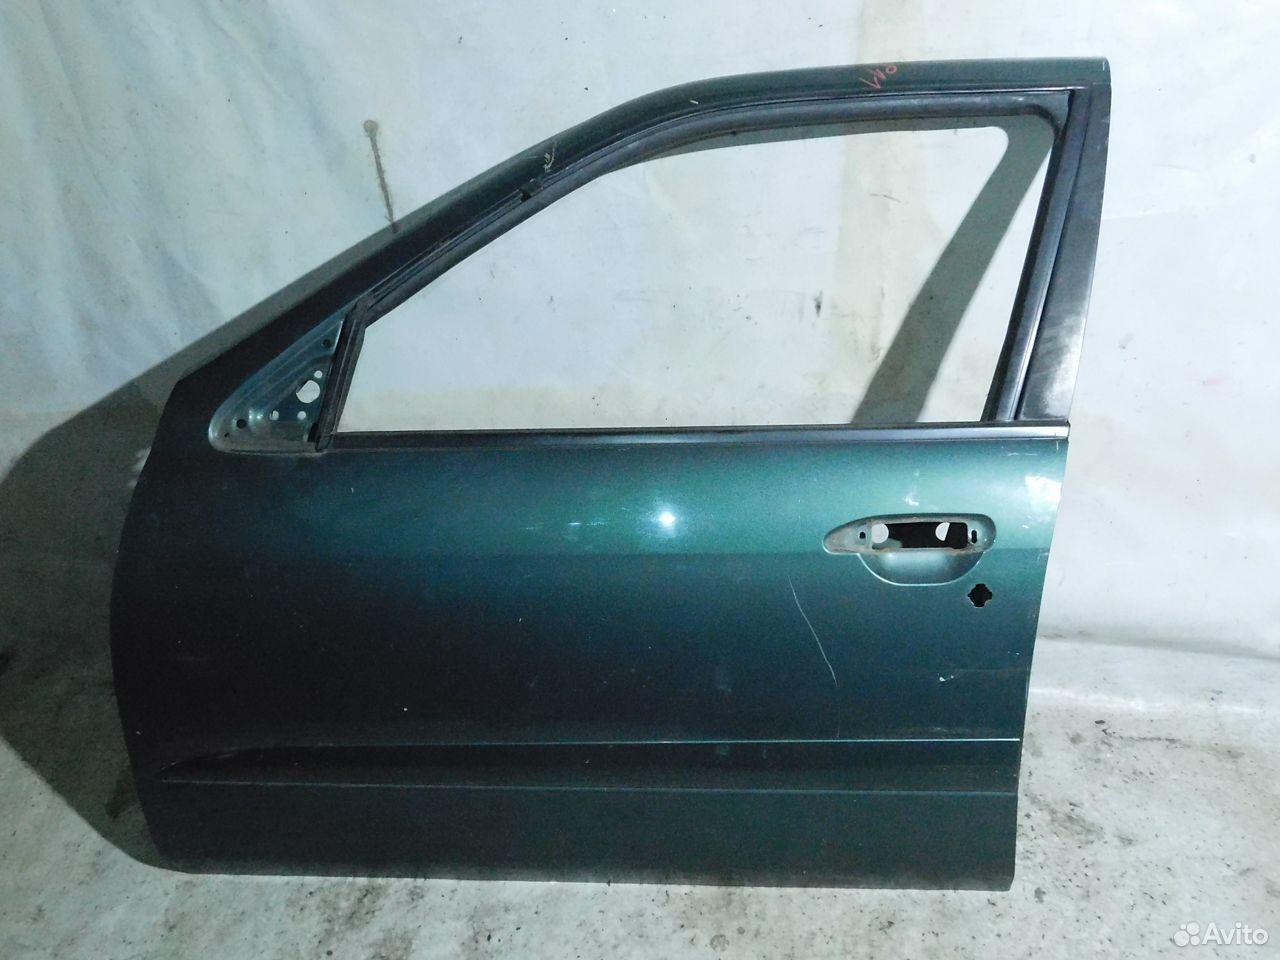 Дверь передняя левая нссан примьера п11 рест  89532977040 купить 1